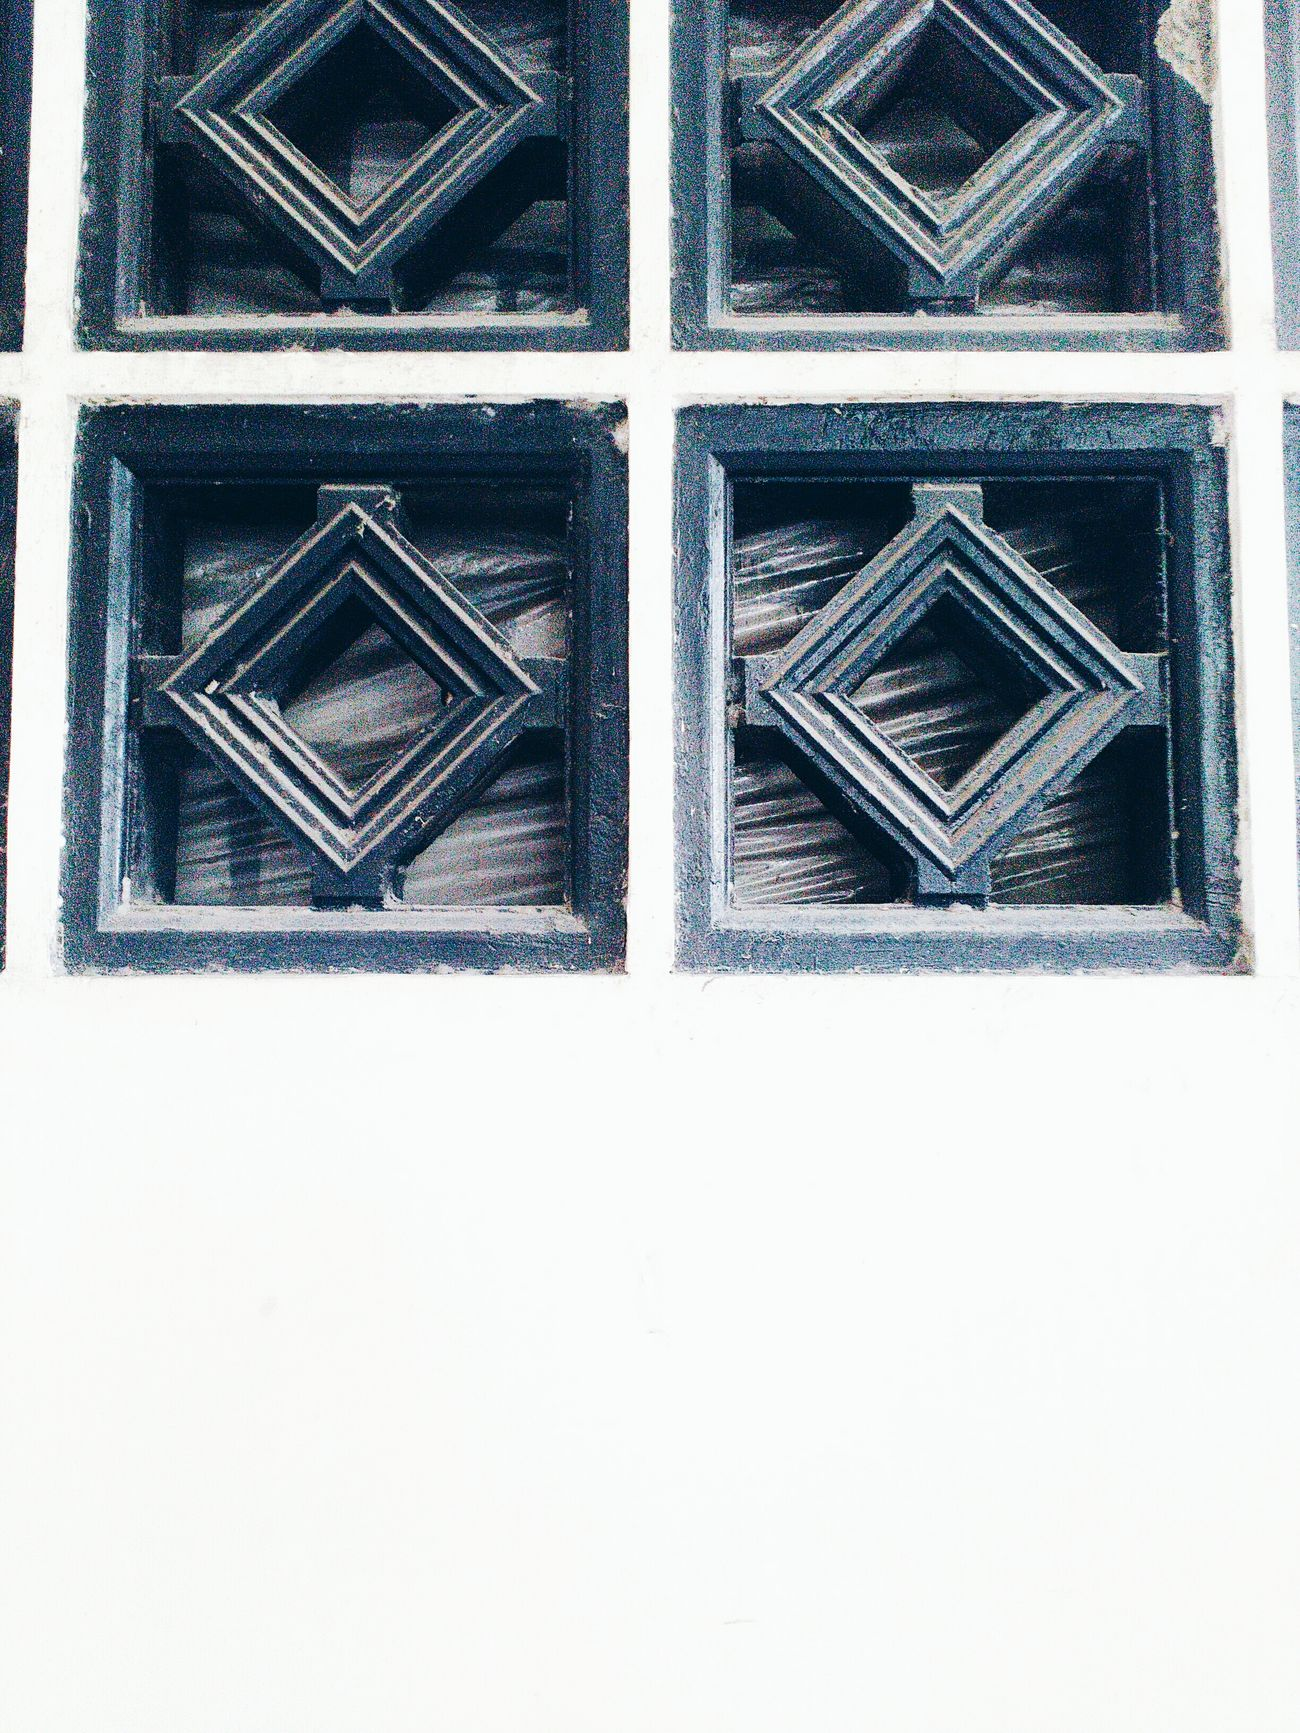 Decoration Buildingstyles Built Structure Build Structure Minimalist Architecture Minimalism Photography Close-up Zoom